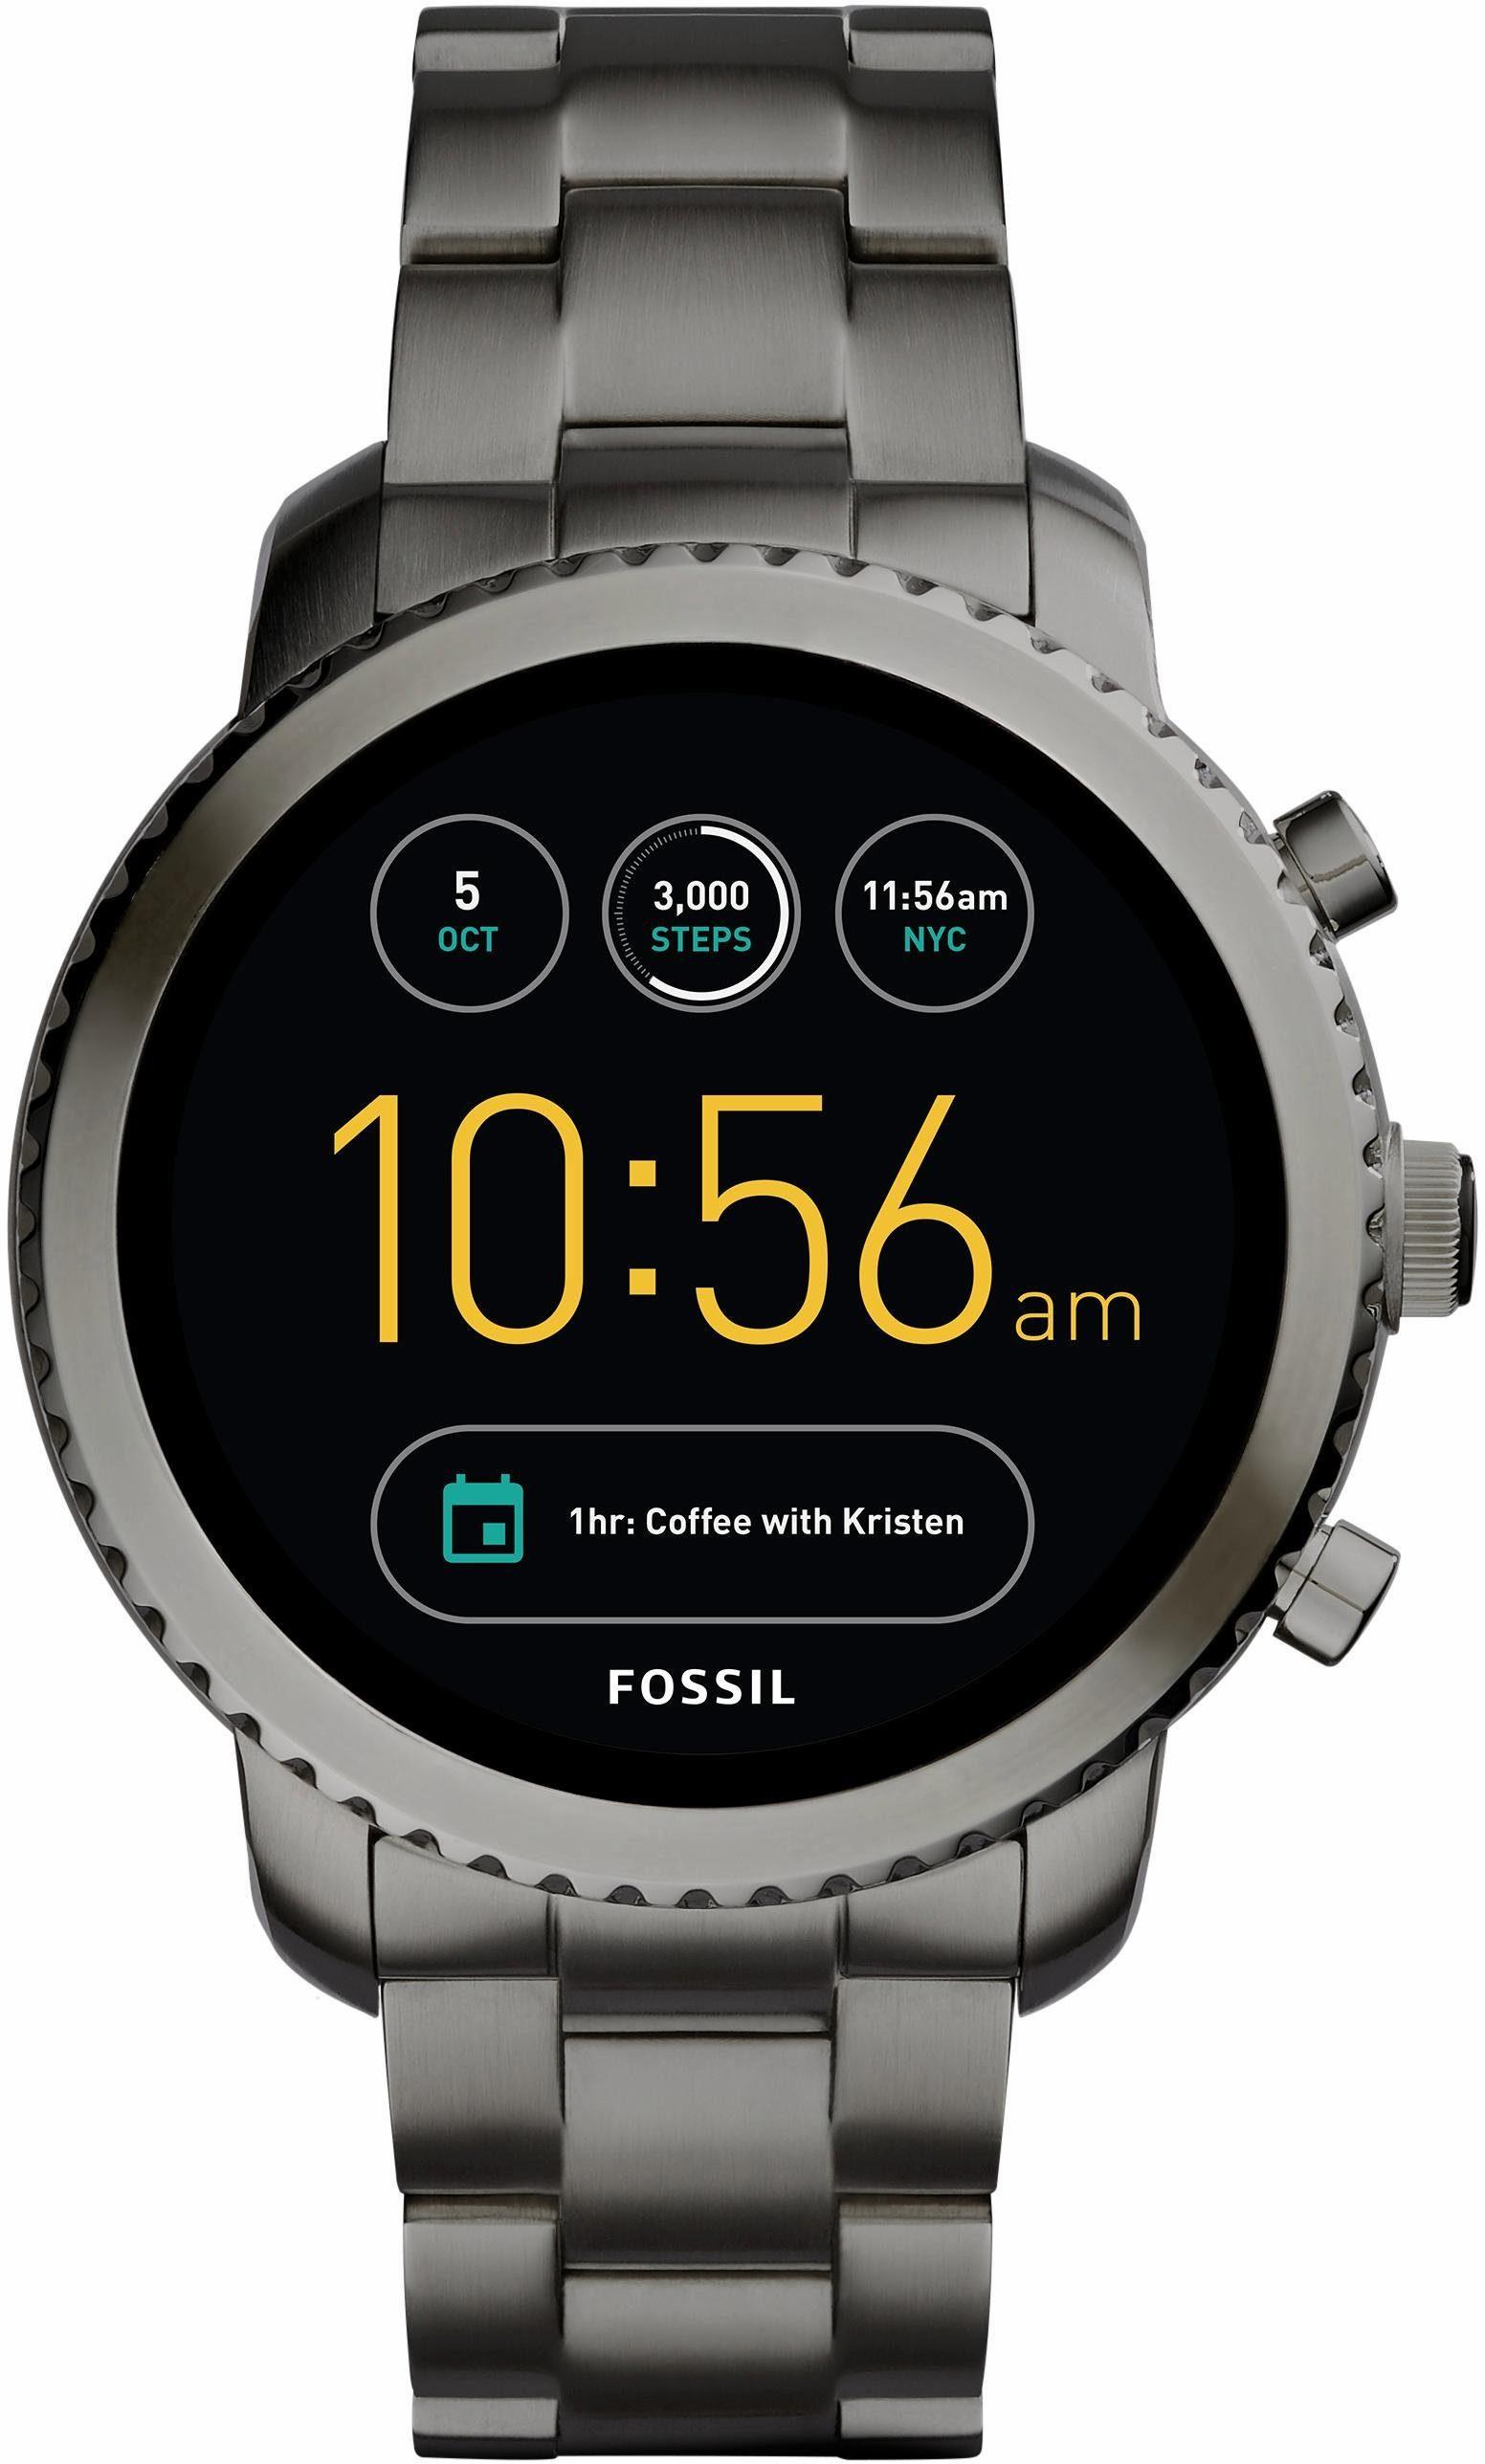 FOSSIL Q Q EXPLORIST, FTW4001 Smartwatch (Android Wear, mit individuell einstellbarem Zifferblatt)